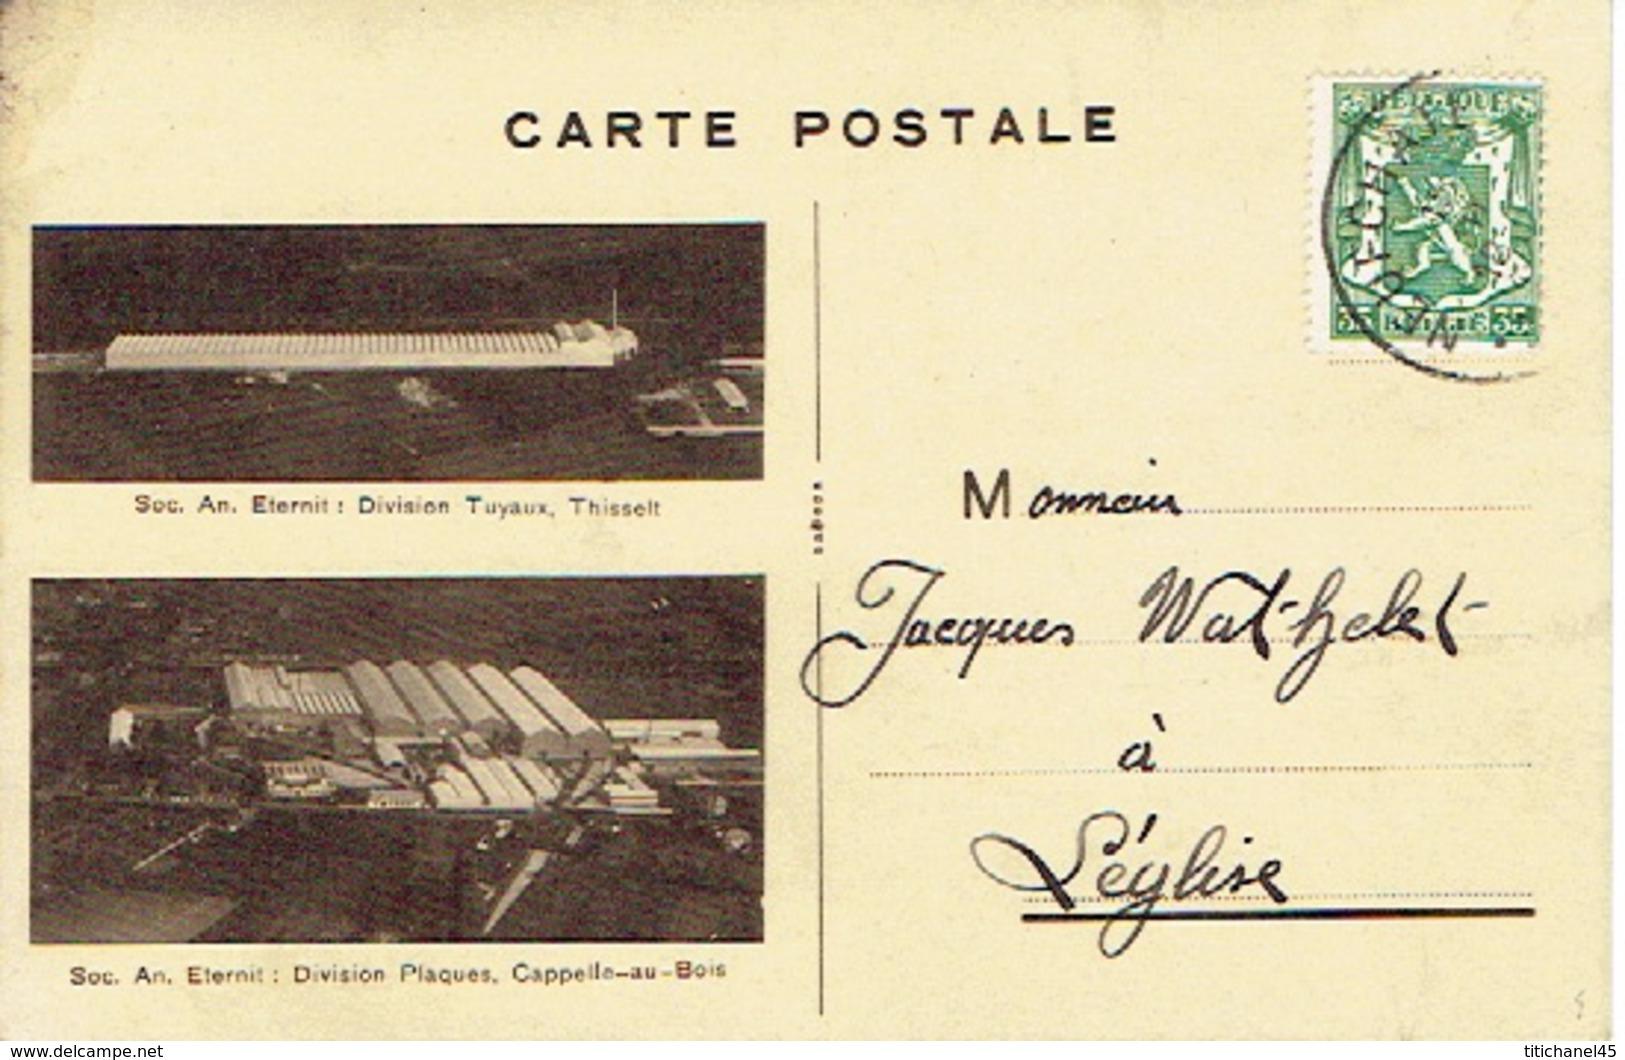 Carte Postale Publicitaire 1937 S.A. ETERNIT : Division Tuyaux à THISSELT Et Division Plaques à CAPELLE-AU-BOIS - Kapelle-op-den-Bos